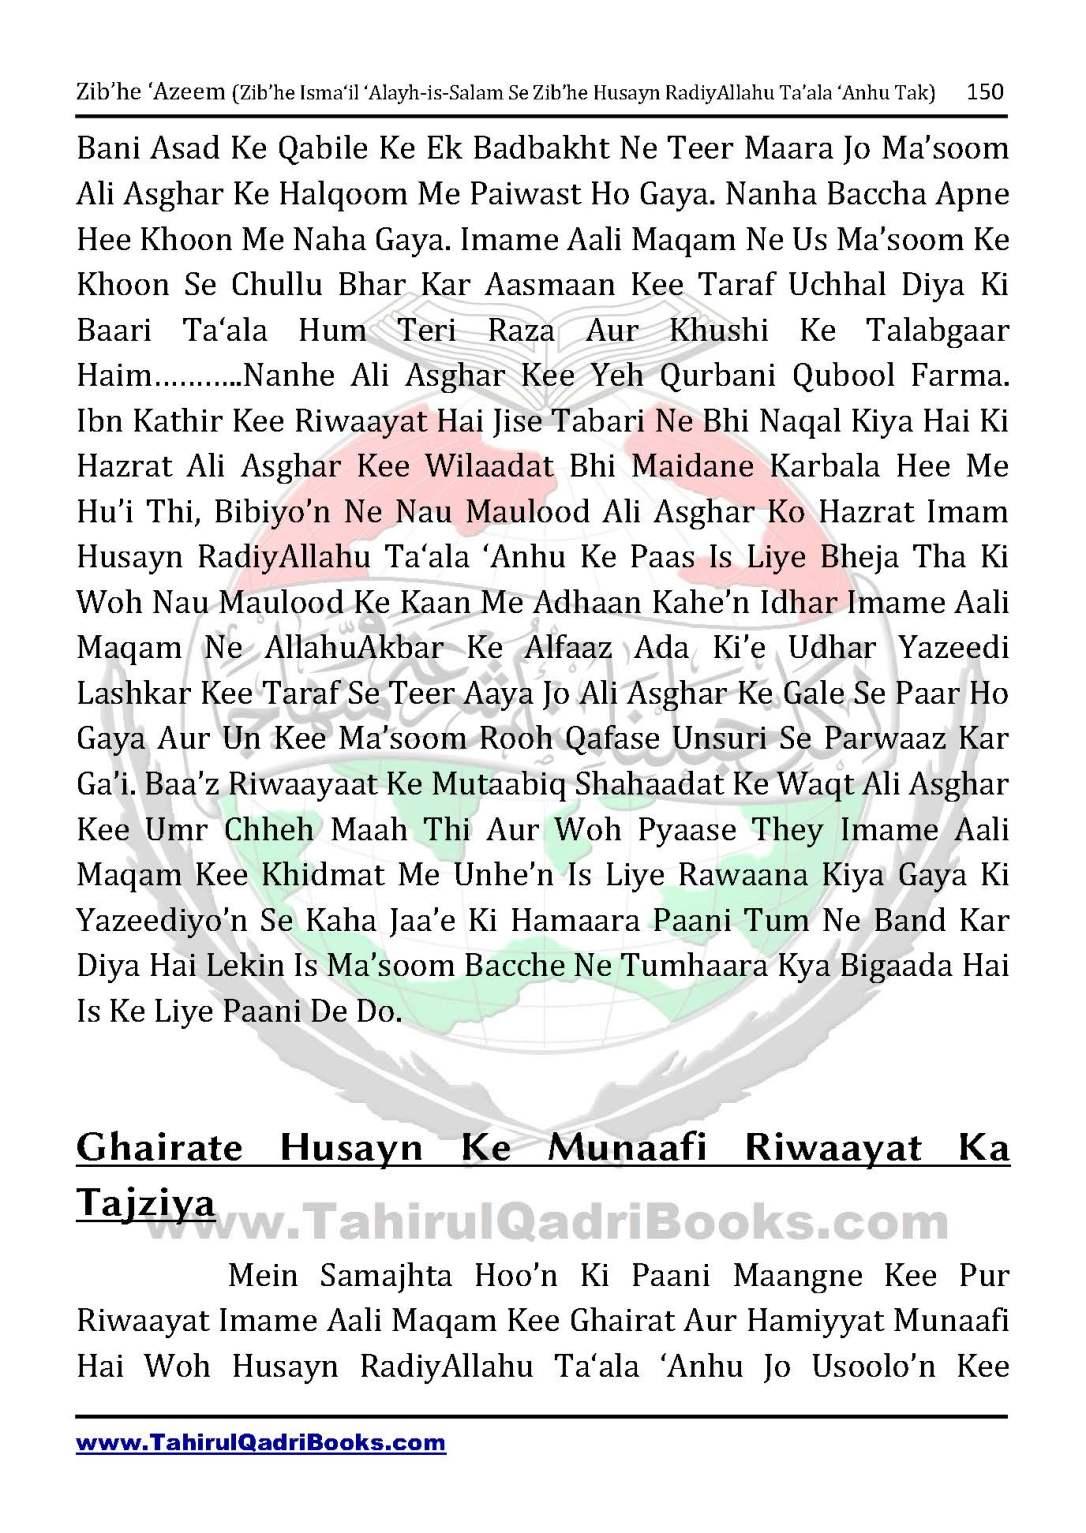 zib_he-e28098azeem-zib_he-ismacabbil-se-zib_he-husayn-tak-in-roman-urdu-unlocked_Page_150